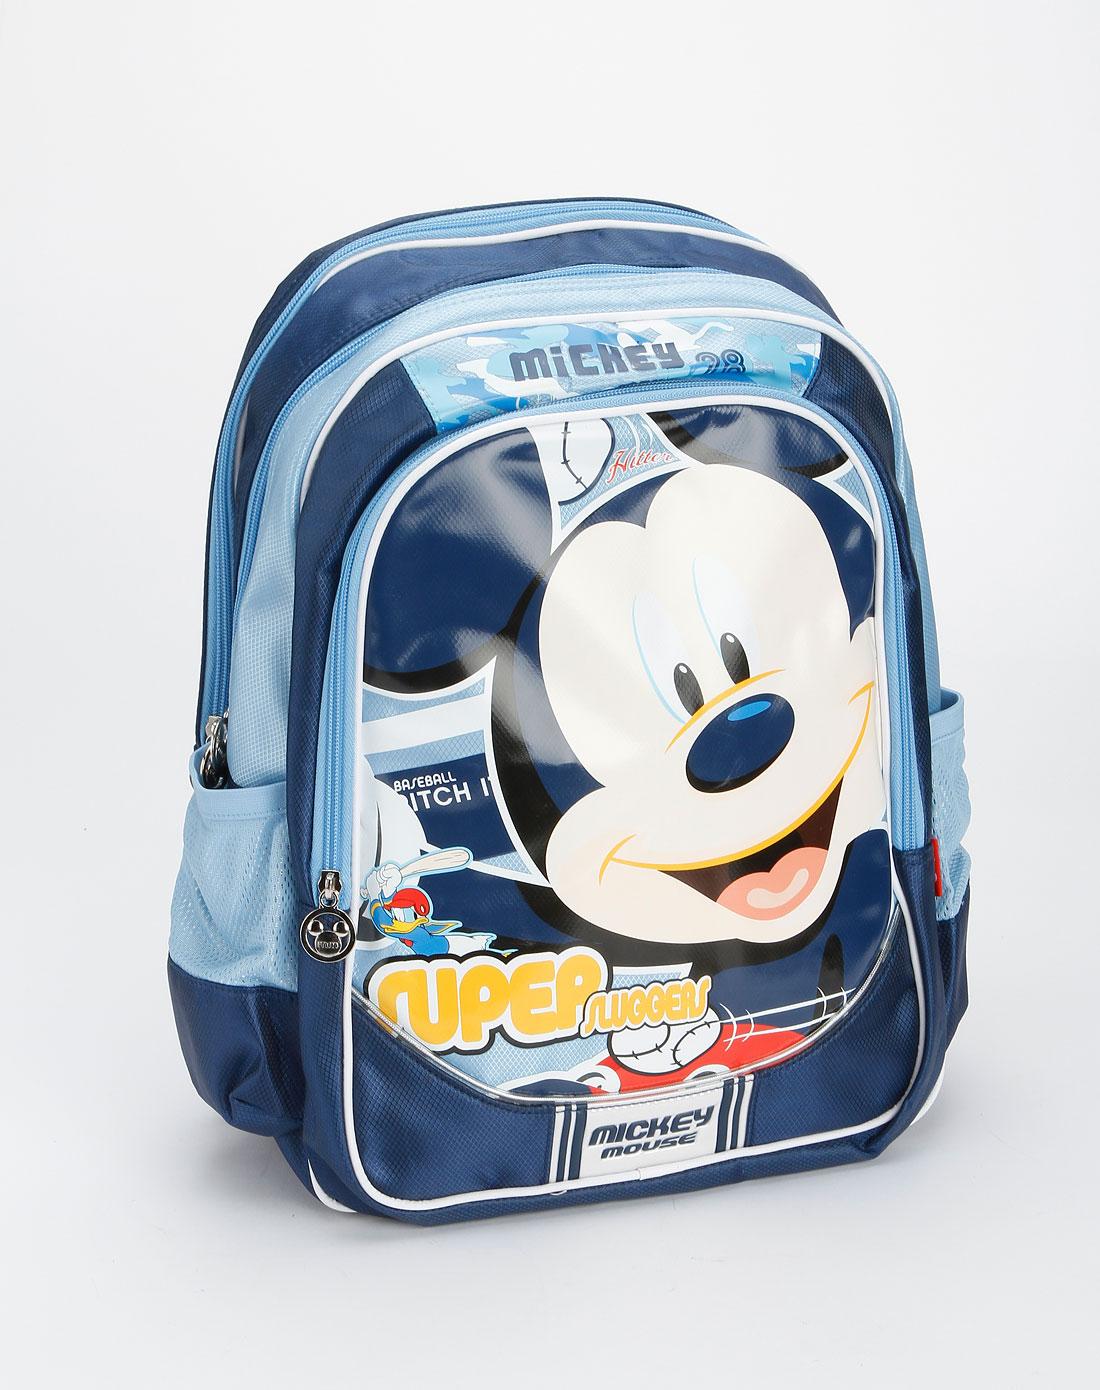 迪士尼disney儿童用品专场男童宝蓝色米奇卡通学生mb